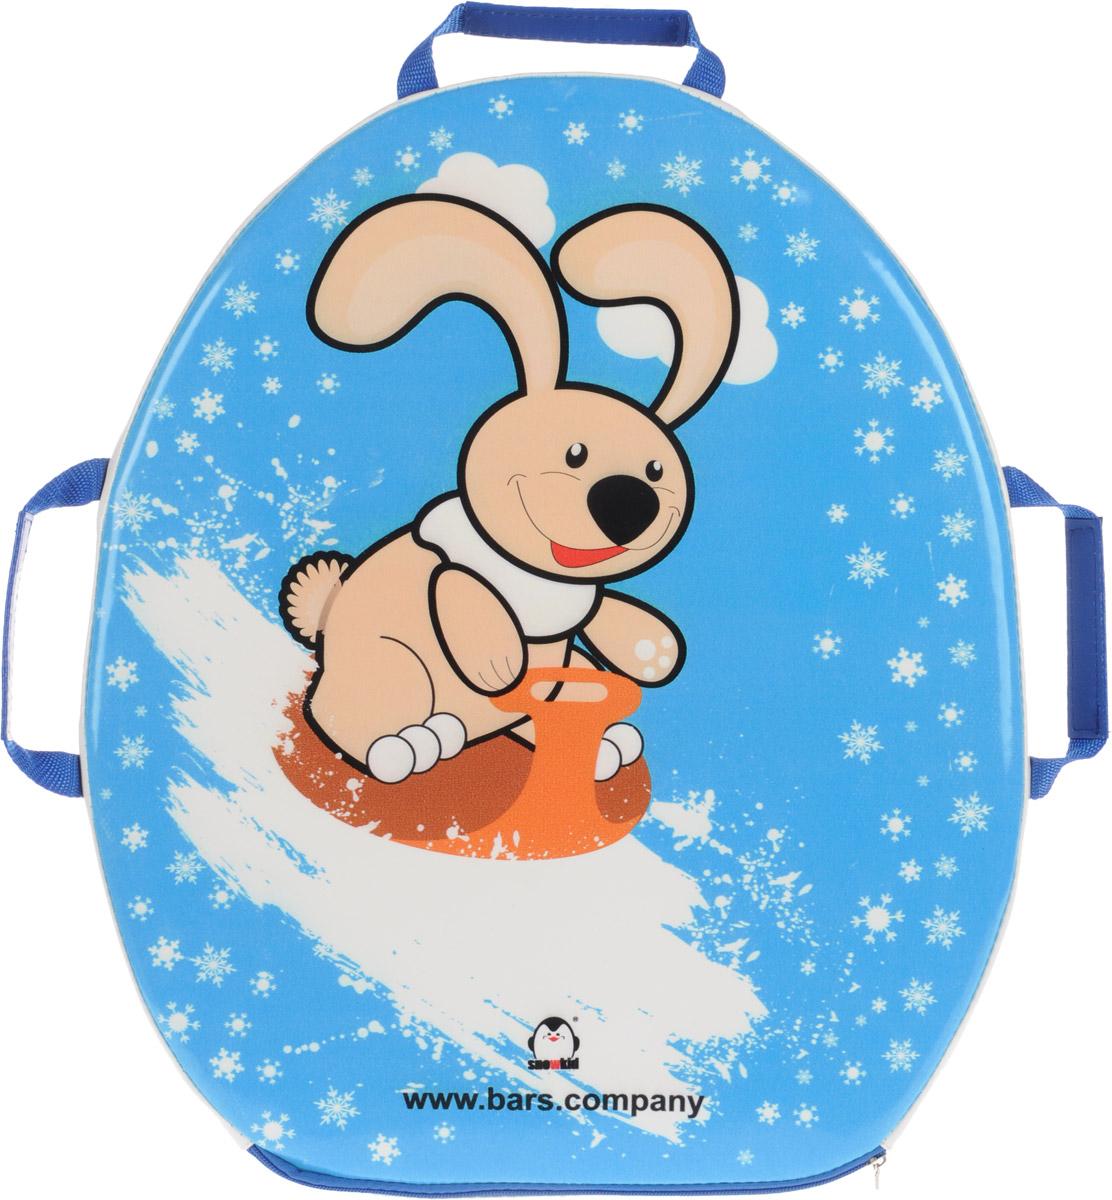 Санки-ледянка Snowkid, цвет: белый, голубой, 50 х 40 х 5 см296Санки-ледянка Snowkid - отличный вариант для веселого и безопасного спуска с заснеженных гор. Ледянка сконструирована так, что прекрасно сглаживает неровности снежного или ледяного покрова склона. Используемые для ее изготовления материалы очень прочны, что позволит пользоваться ей не один год. Изделие снабжено удобными и прочными ручками.